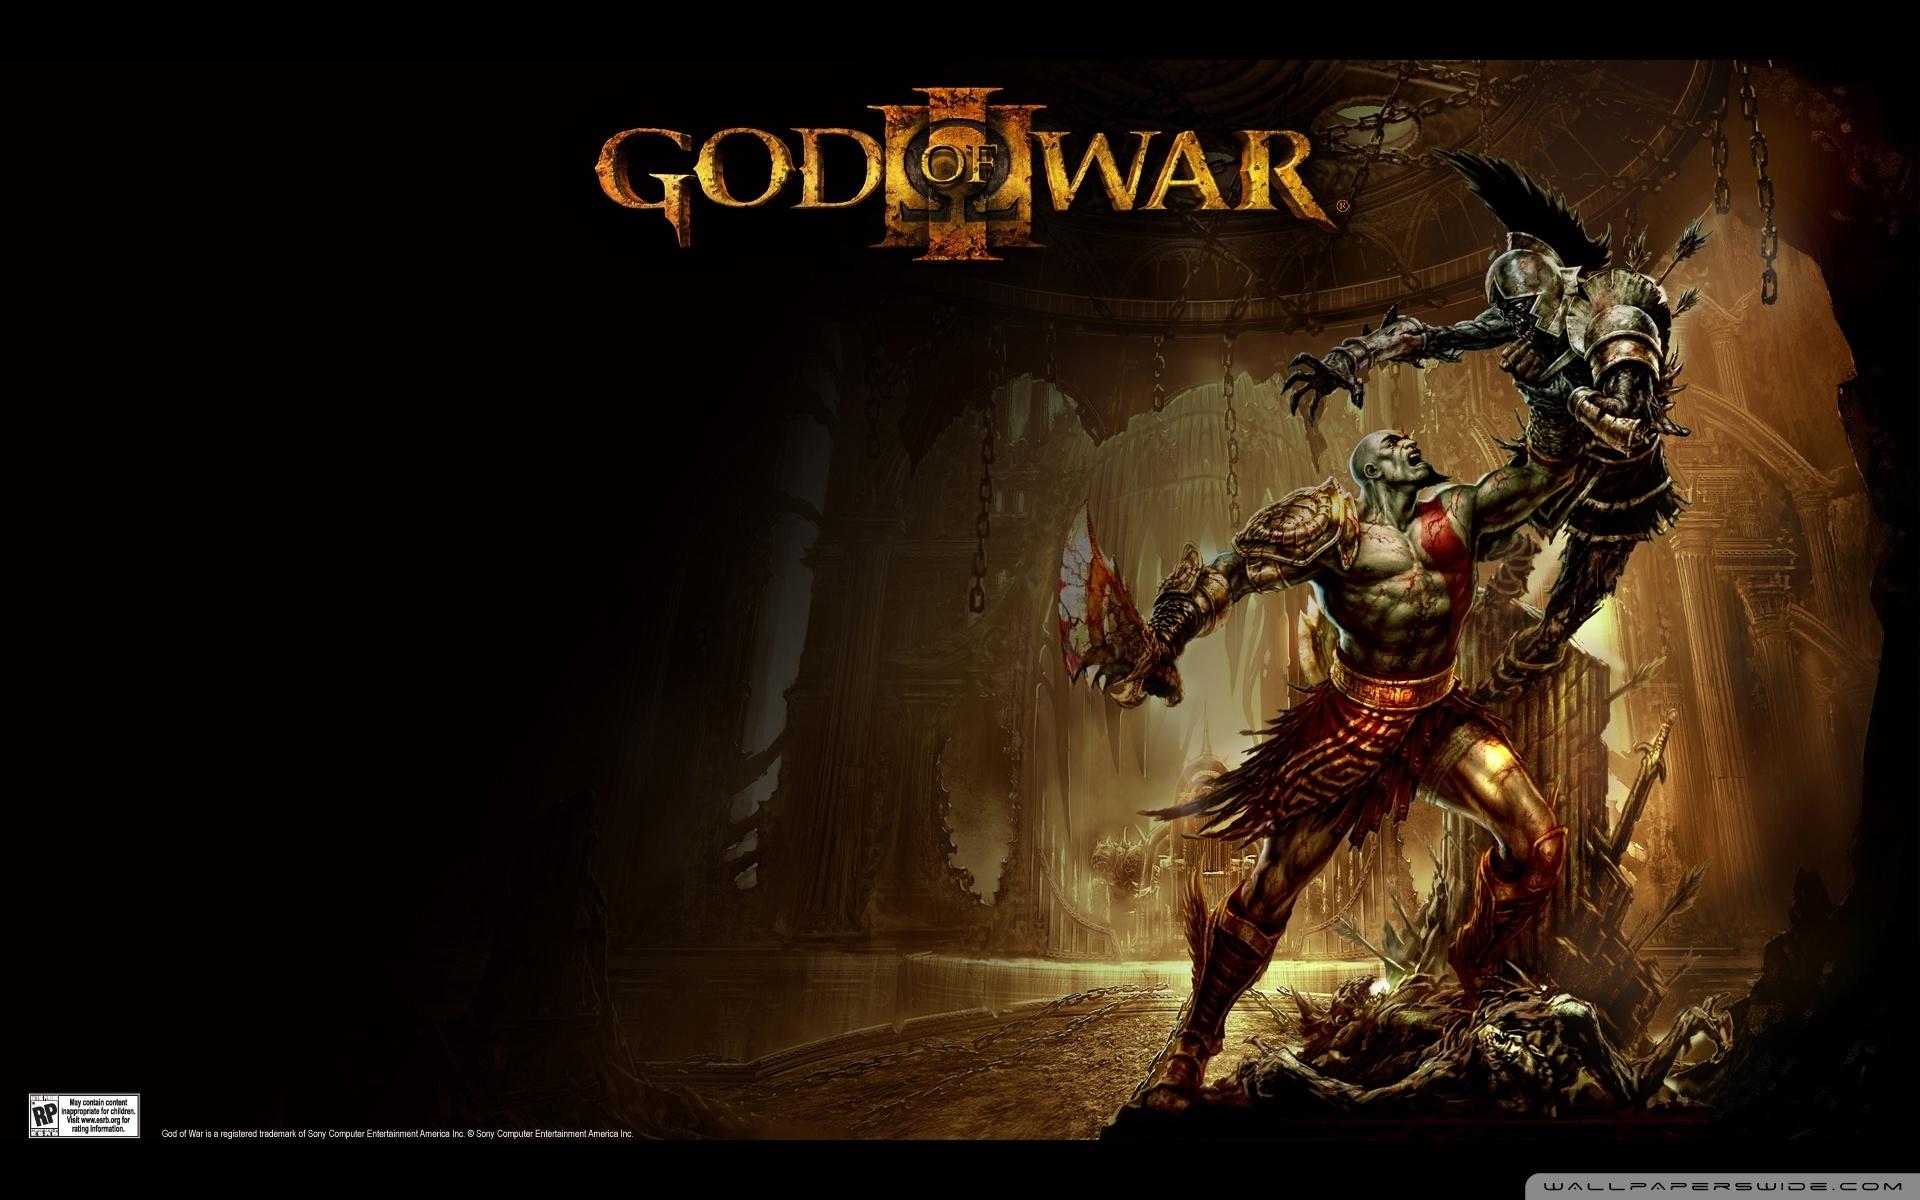 god of war iii, 1 ❤ 4k hd desktop wallpaper for 4k ultra hd tv